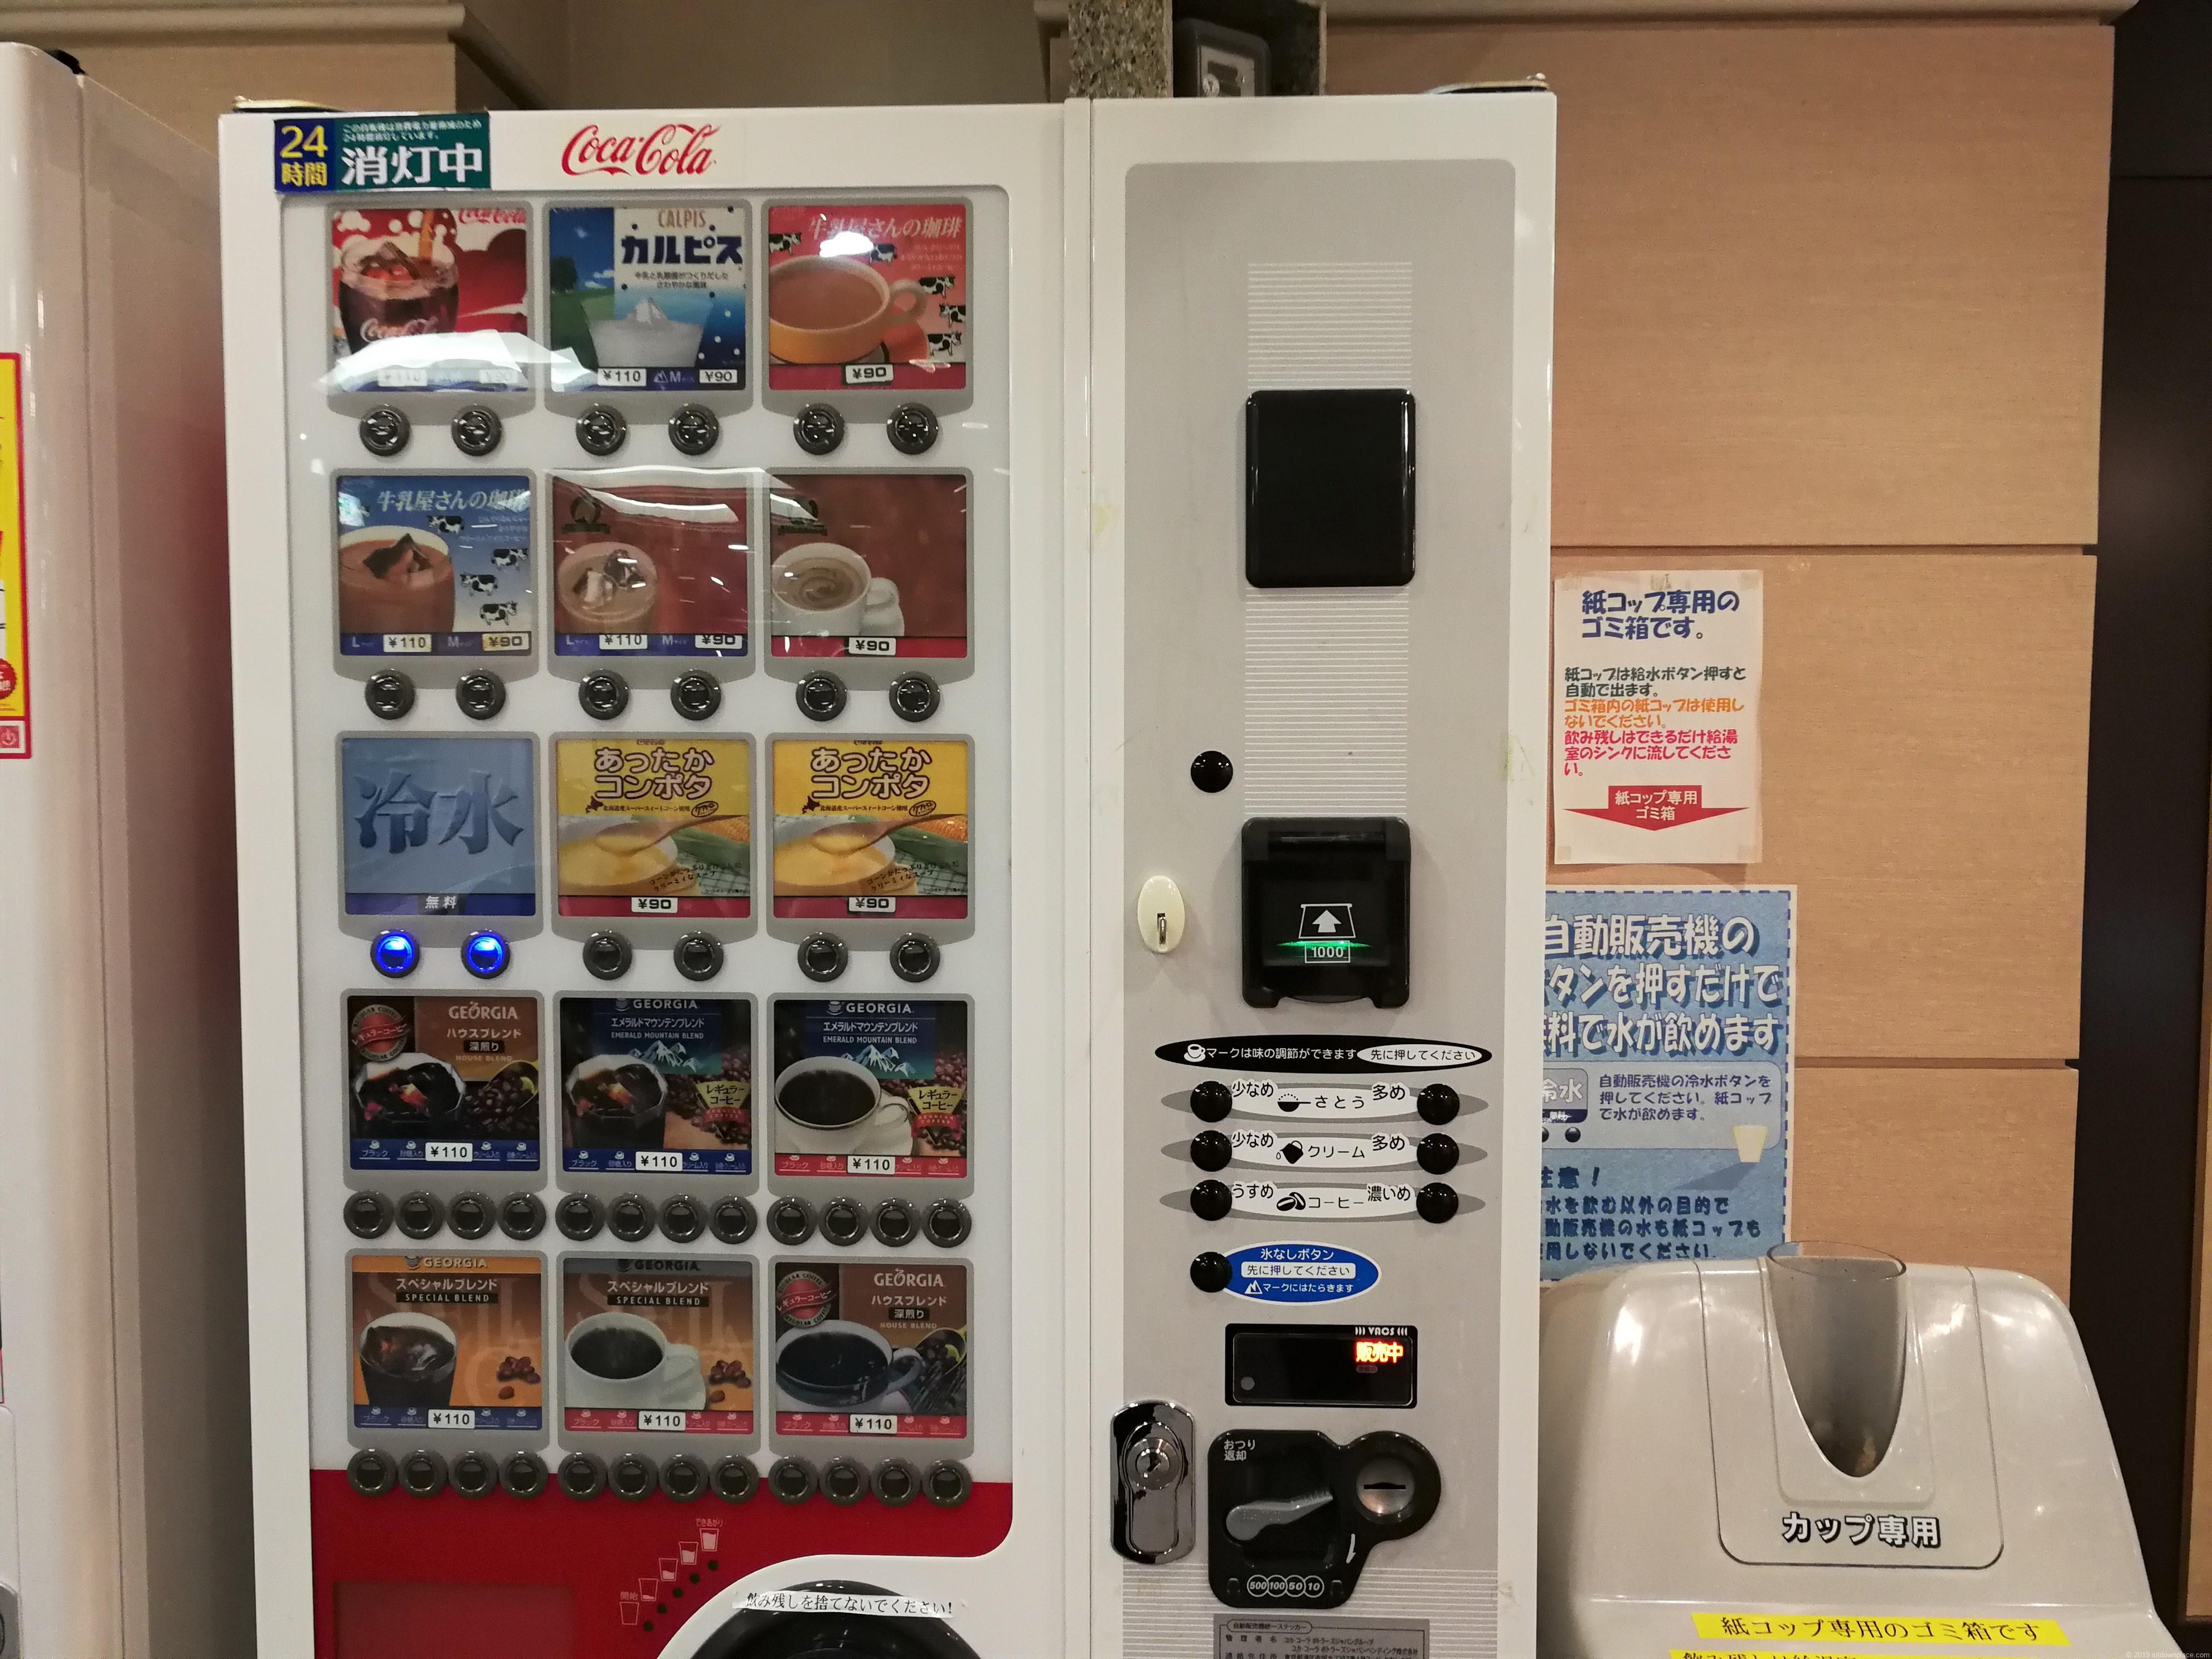 ビビオ赤羽3F赤羽文化センターの無料で冷たい水が飲める自動販売機